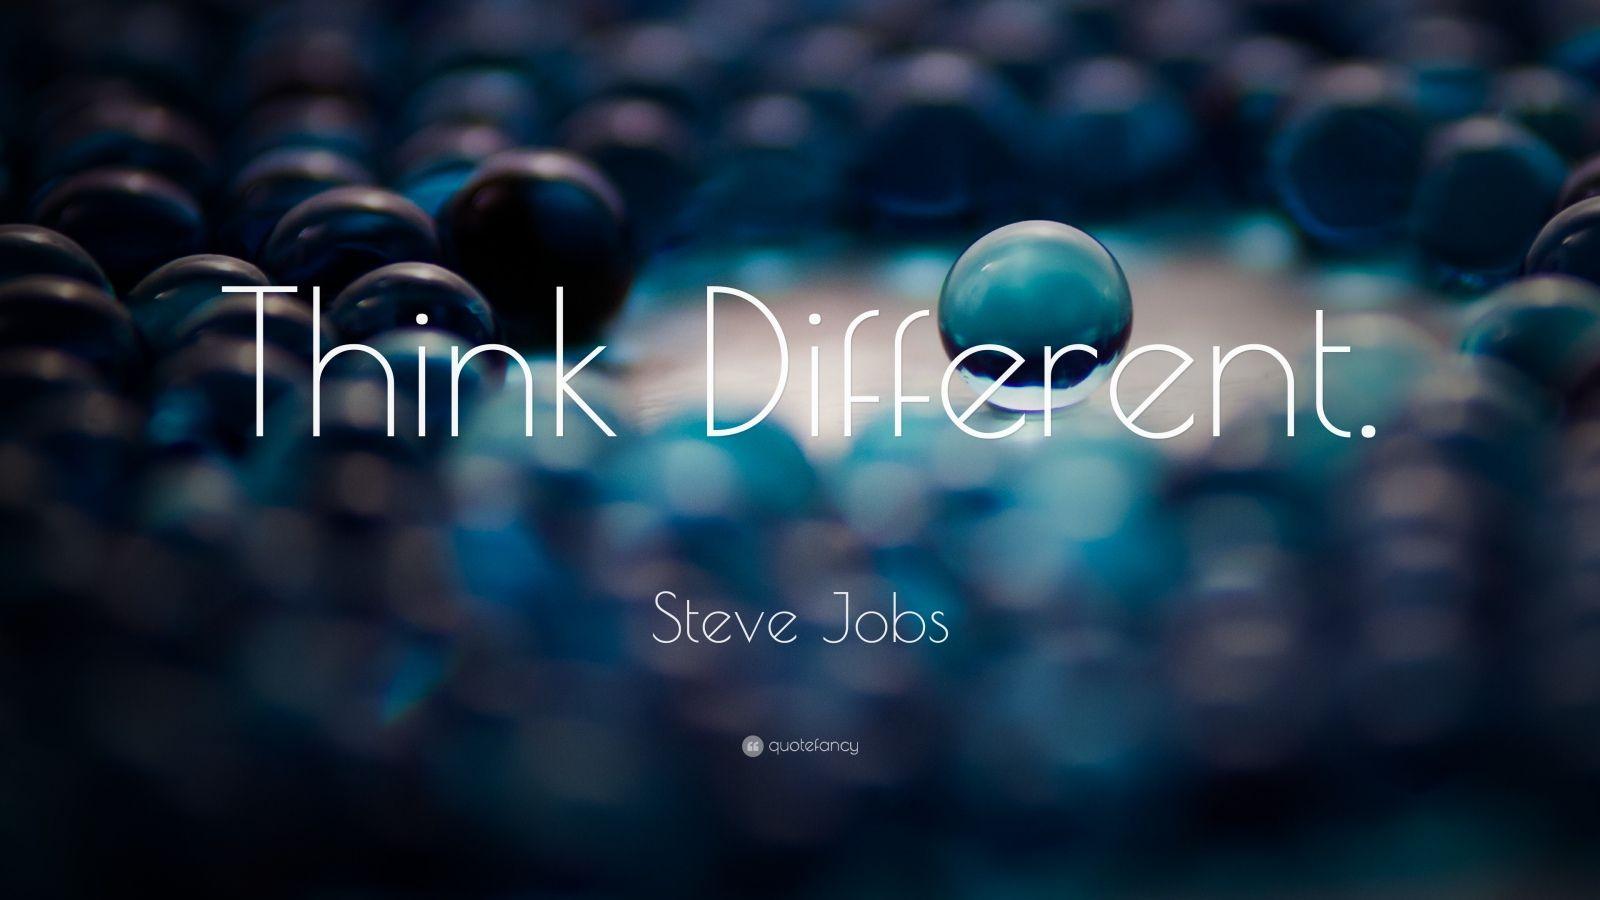 Warren Buffett Quotes Iphone Wallpaper Steve Jobs Quotes 29 Wallpapers Quotefancy